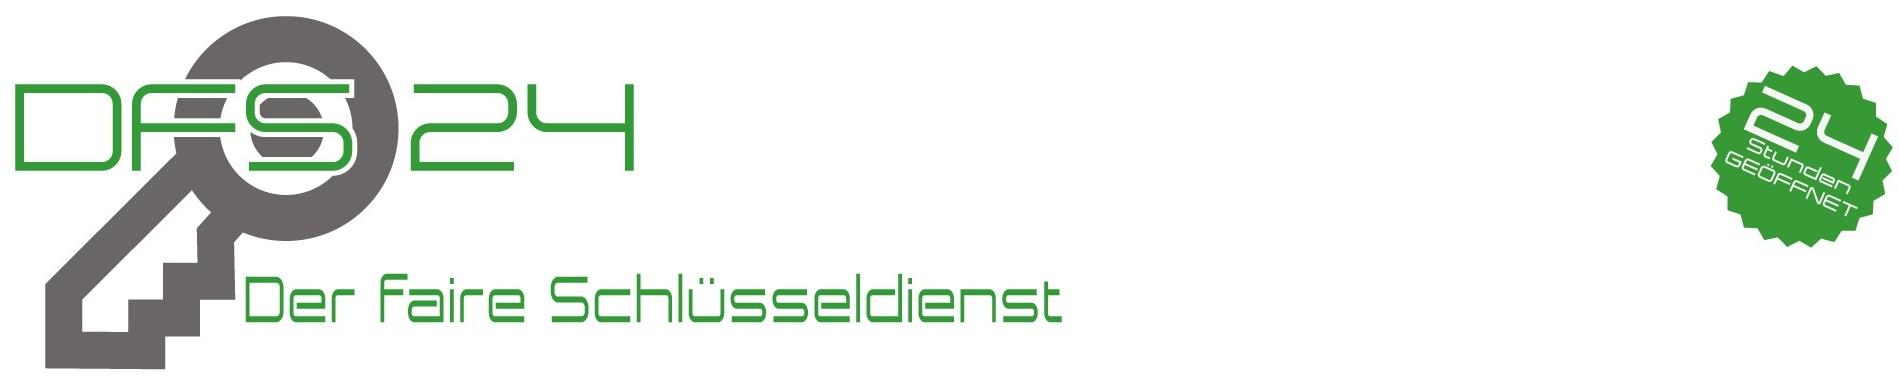 schlüsseldienst reken logo